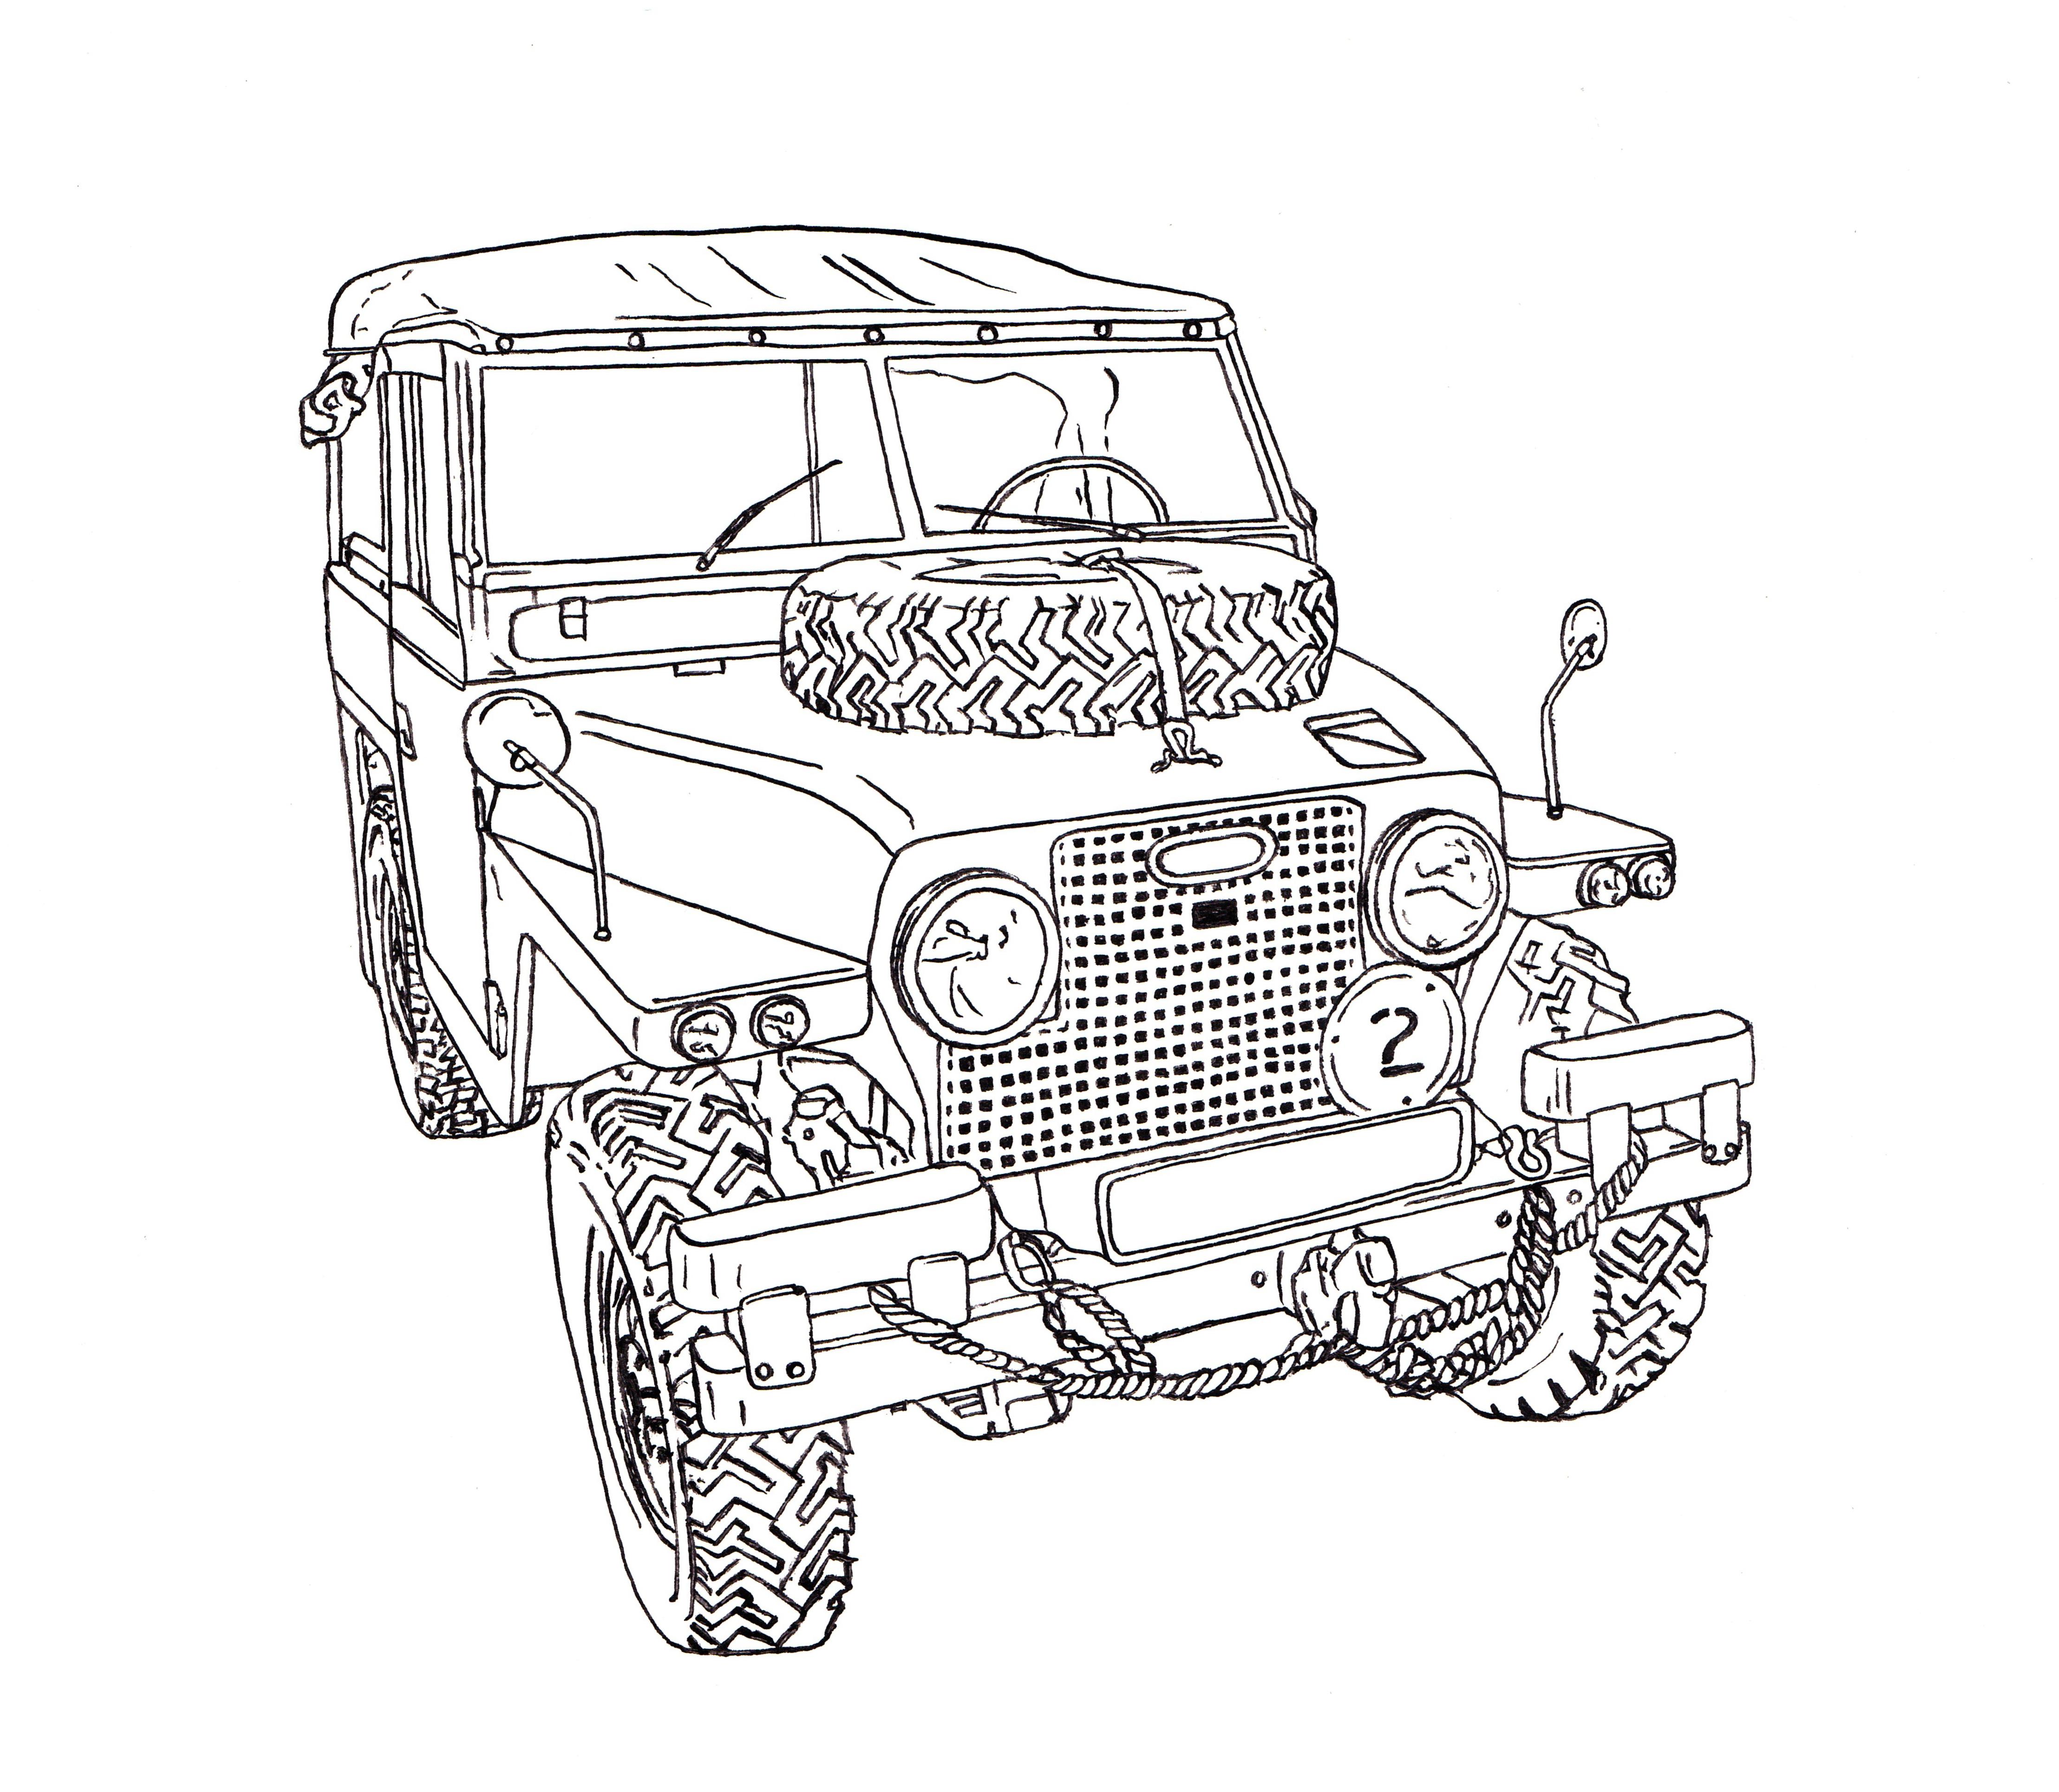 4433x3858 Camel Trophy Land Rover Defender 110 Ink Drawing Fmp Design Work